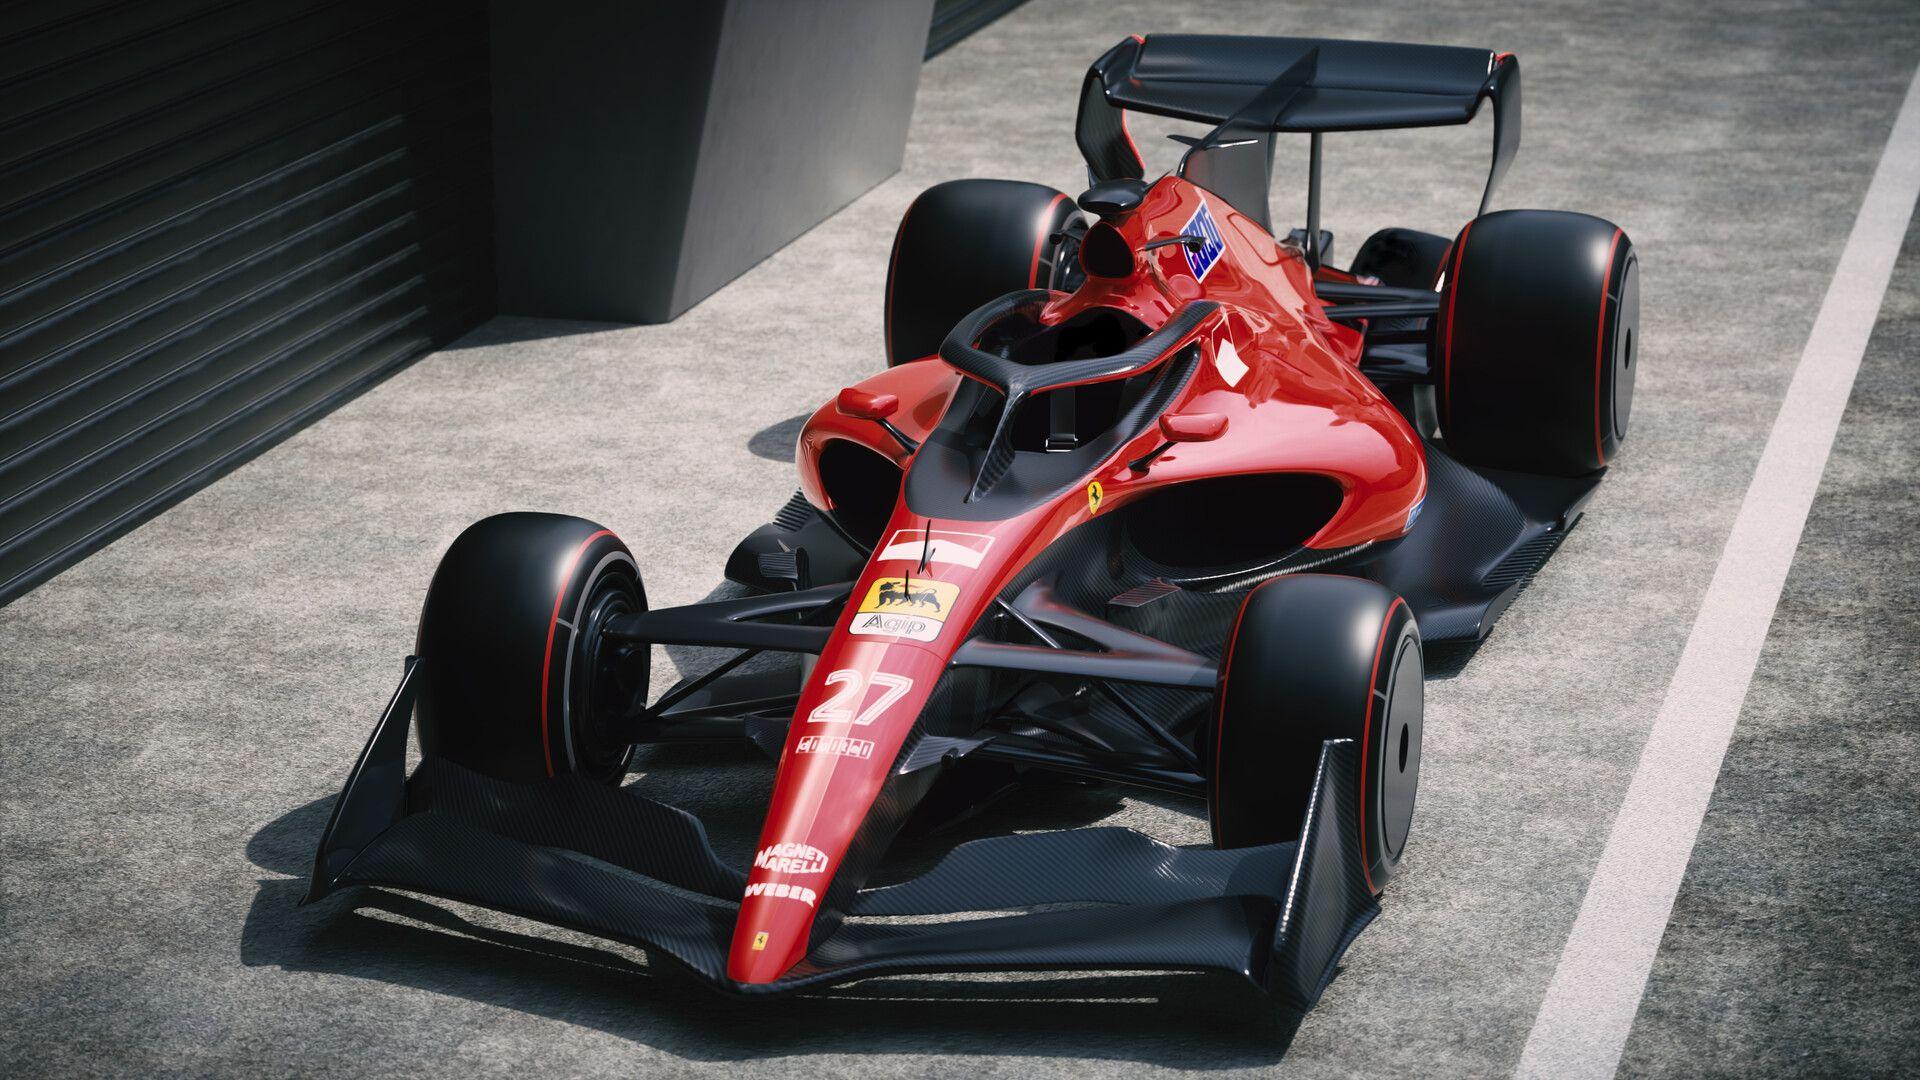 Ferrari F1 2021 Retro By Volodymyr Borovkovretro Futuristic Ferrari Formula 1 Car Inspired By F1 2021 Concept An Ferrari F12berlinetta Ferrari F1 Formula 1 Car